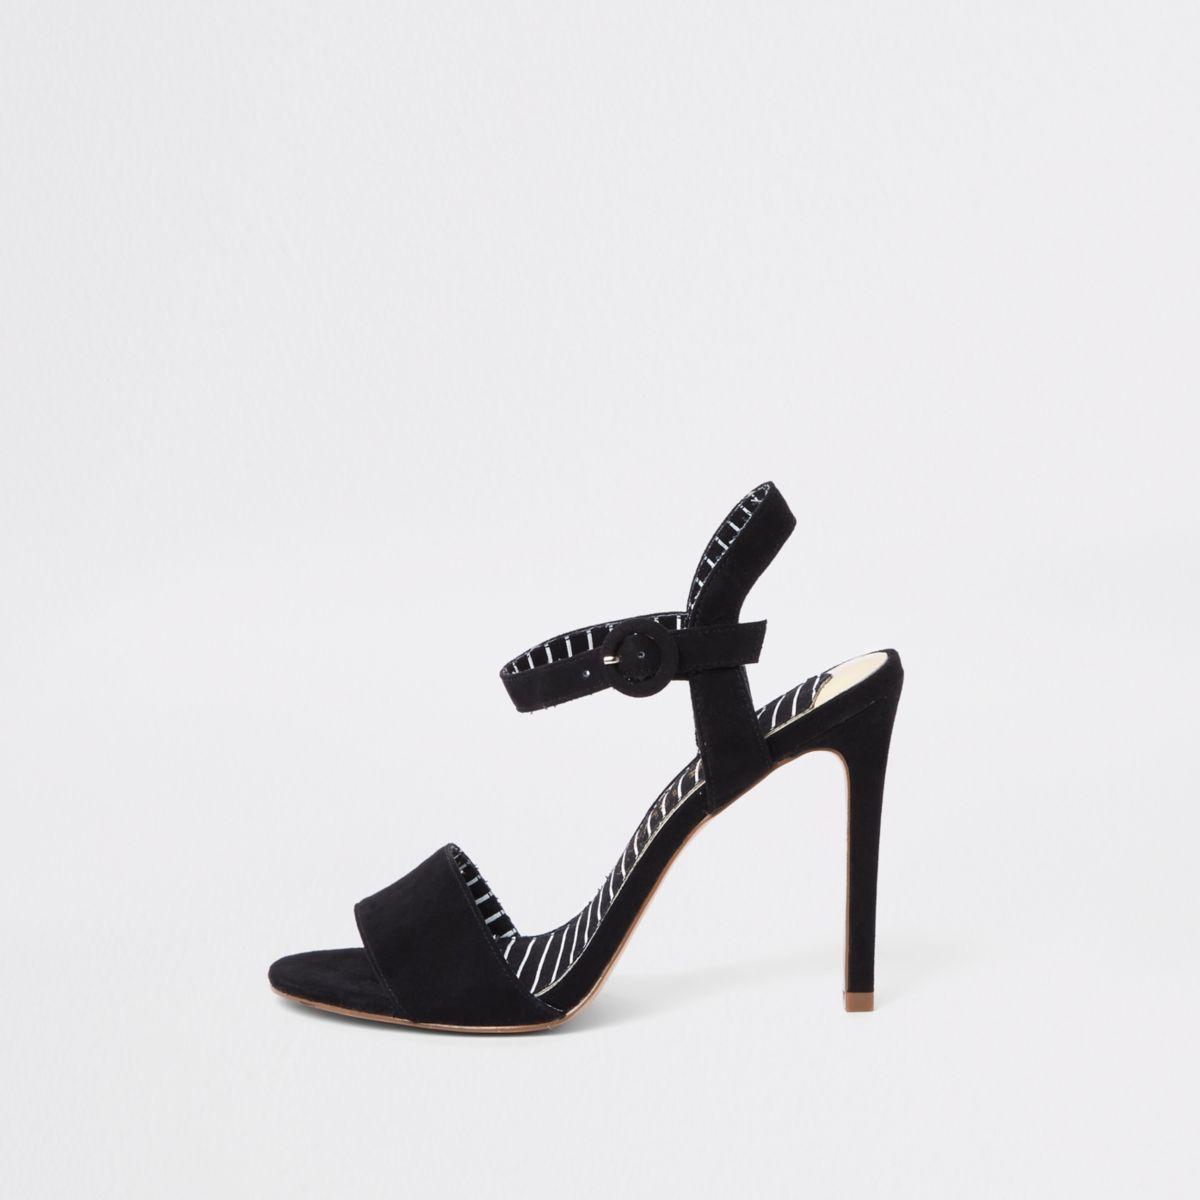 Zwarte tweedelige sandalen met brede pasvorm en stilettohak